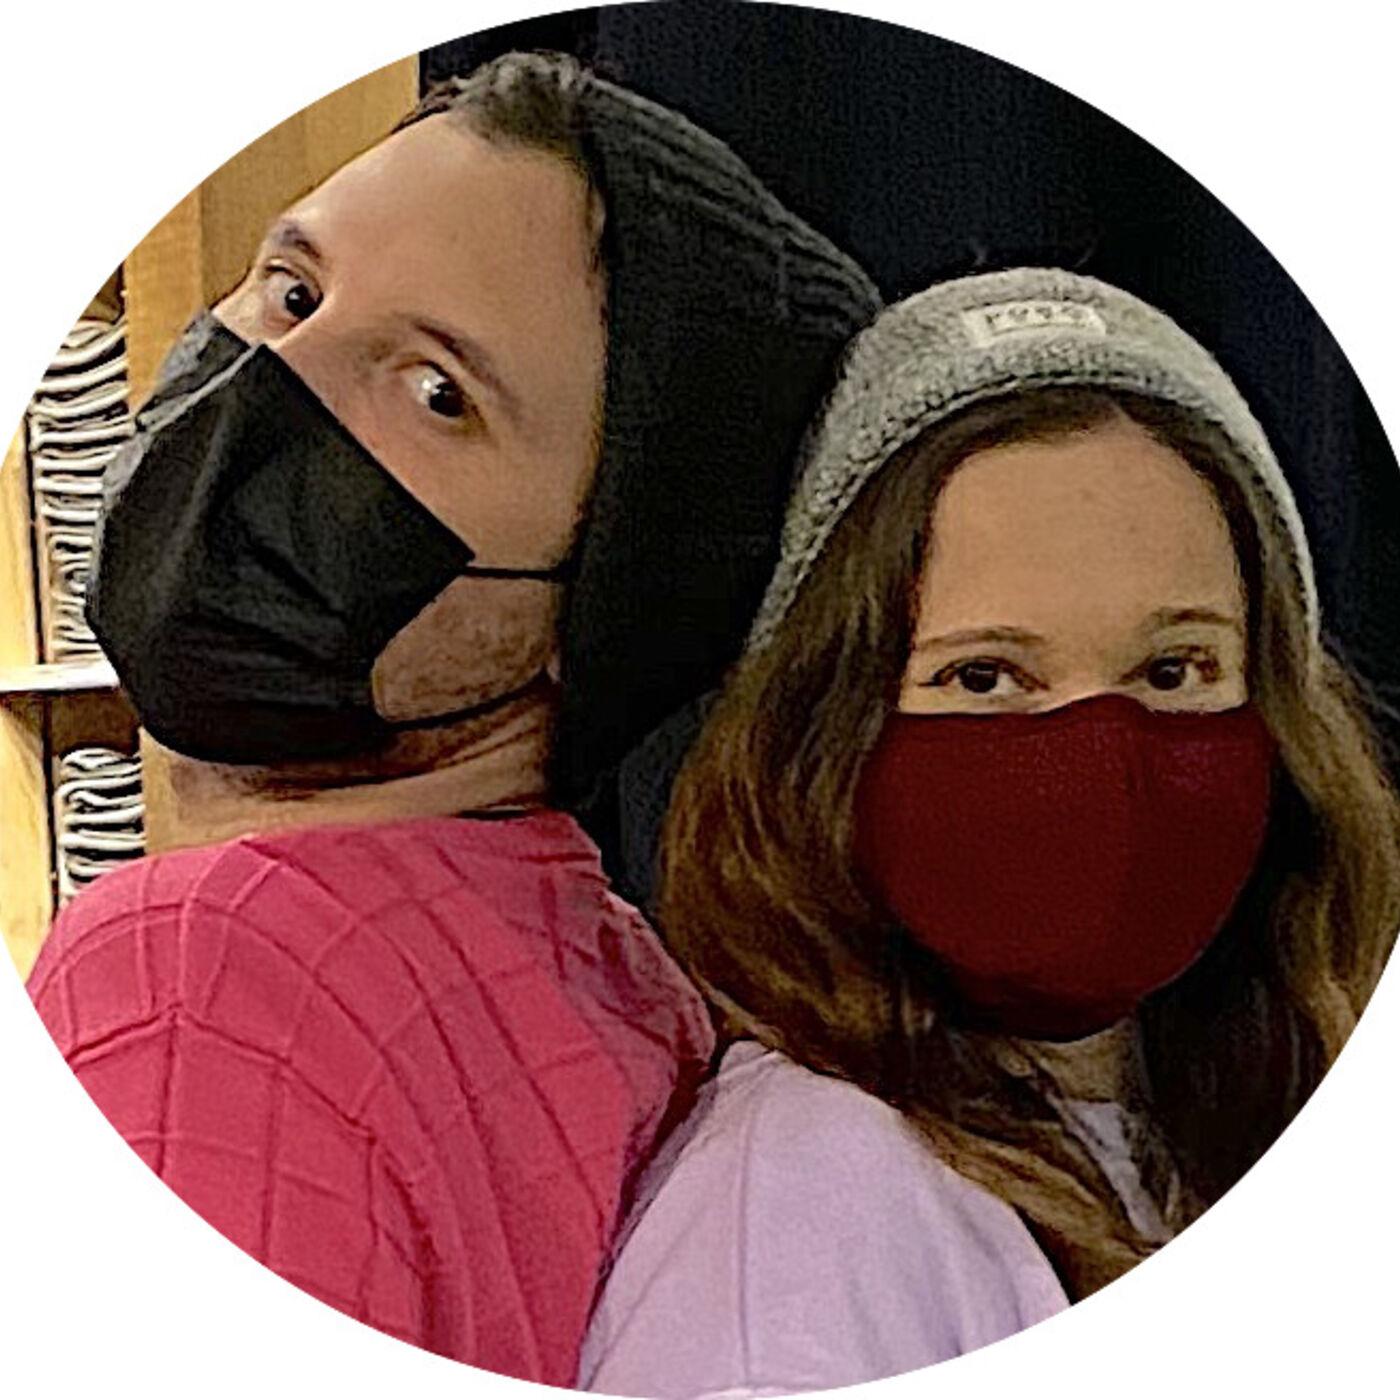 The Last Sip with Rachel & Hiiro - Episode 4